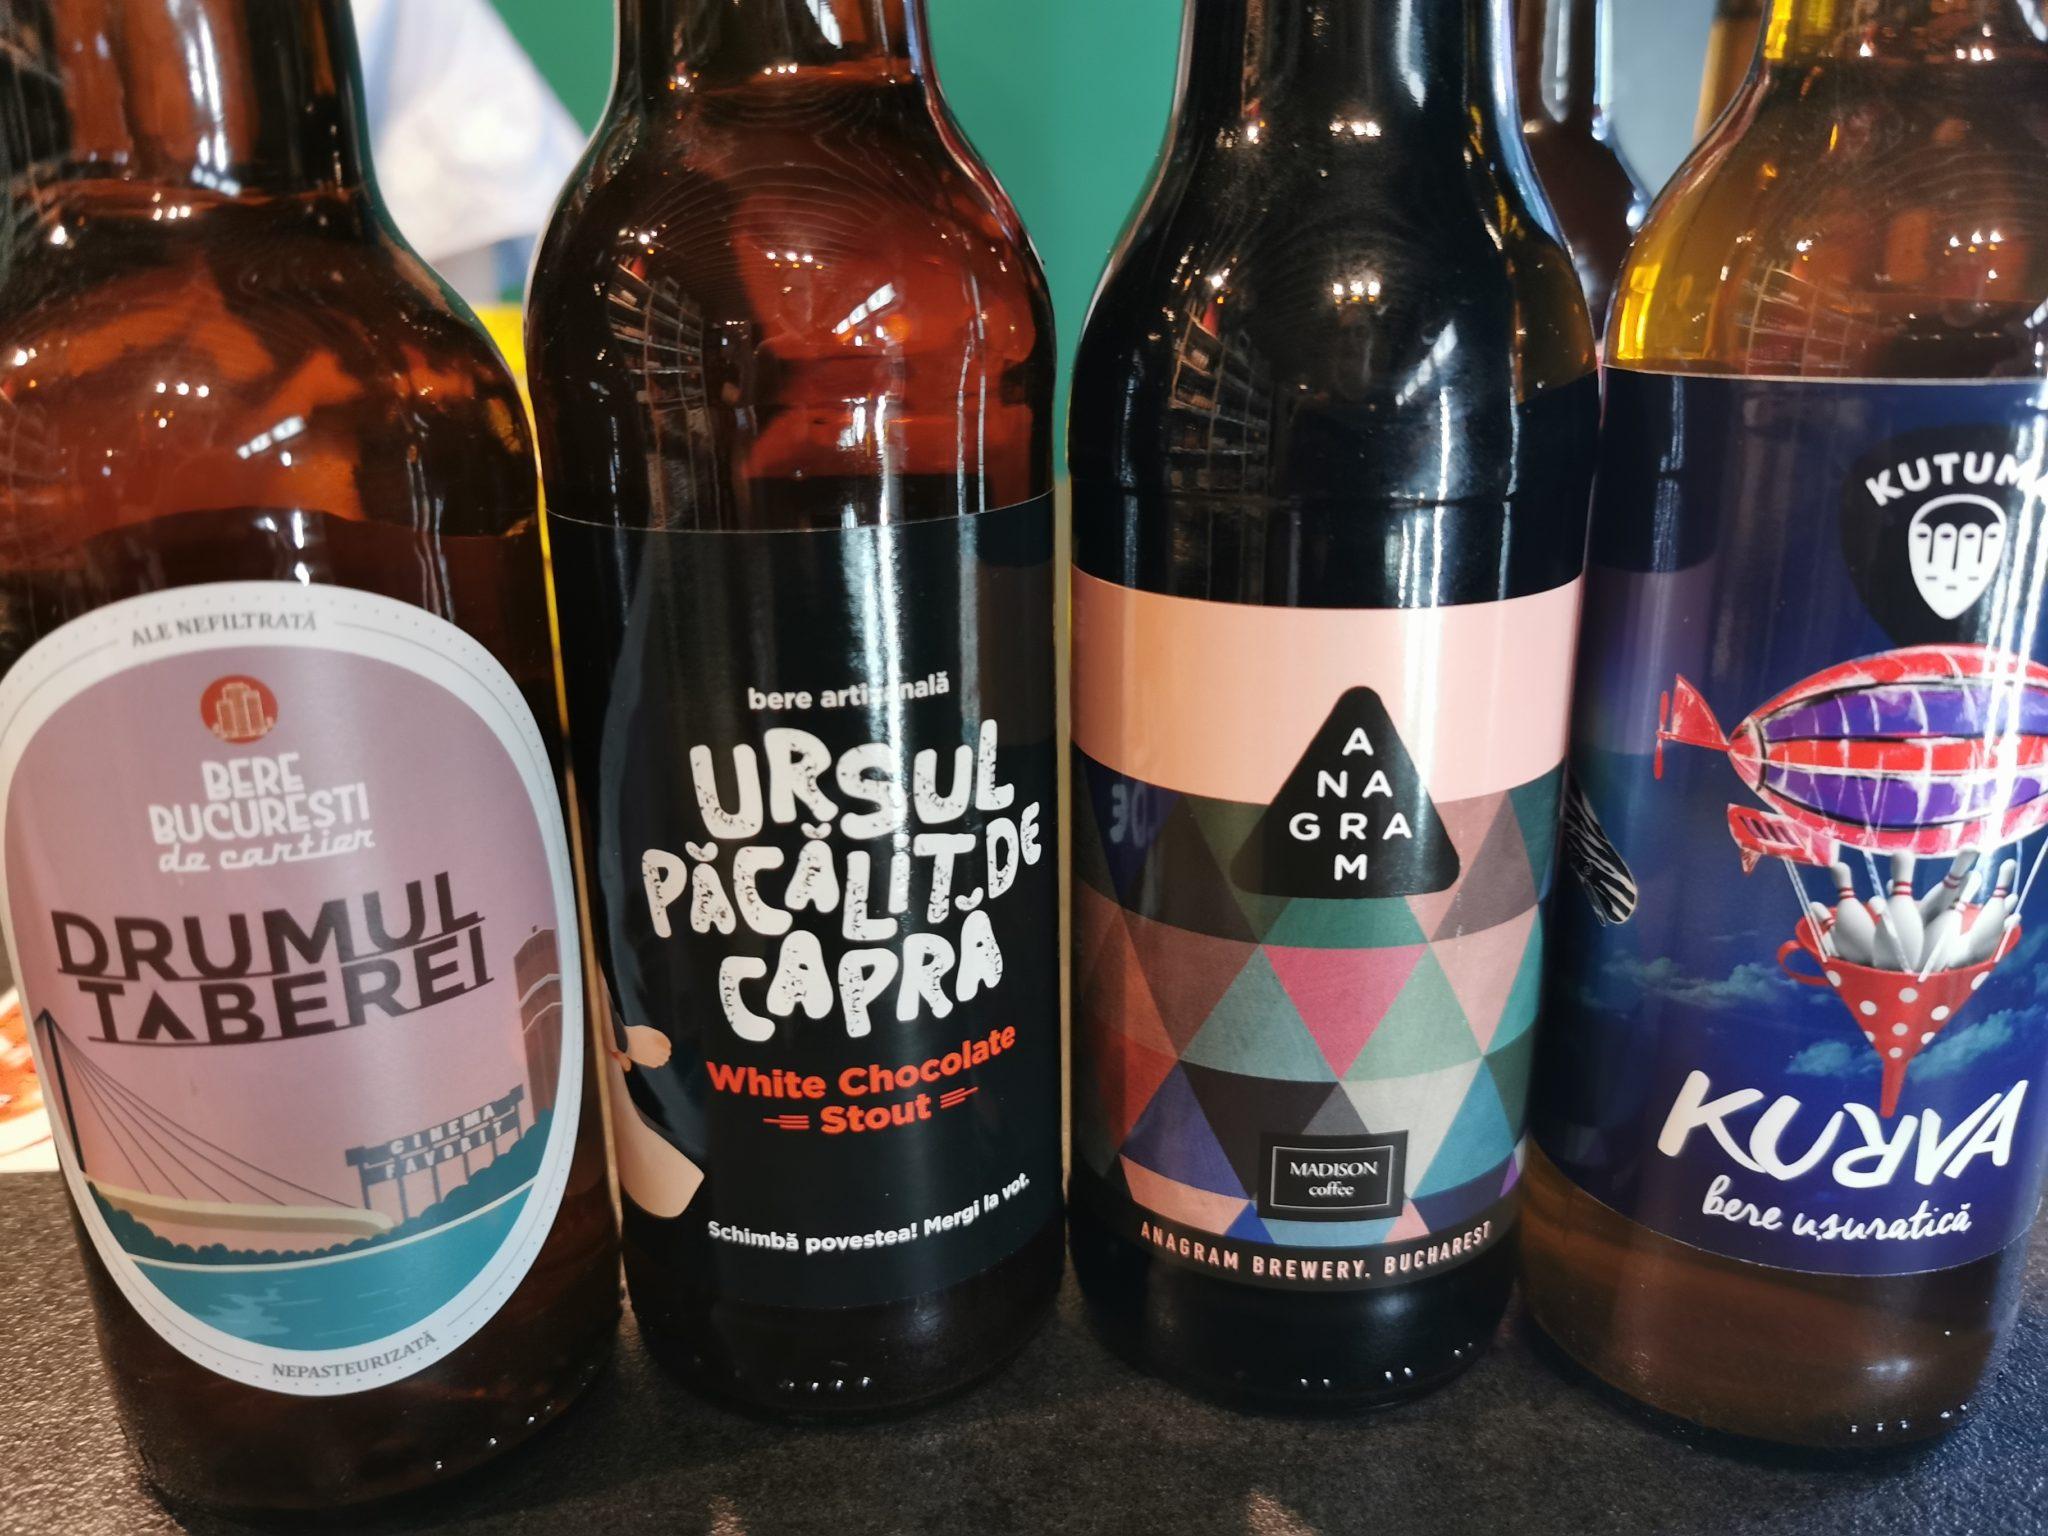 Unde am găsit (și am băut) bere artizanală în București